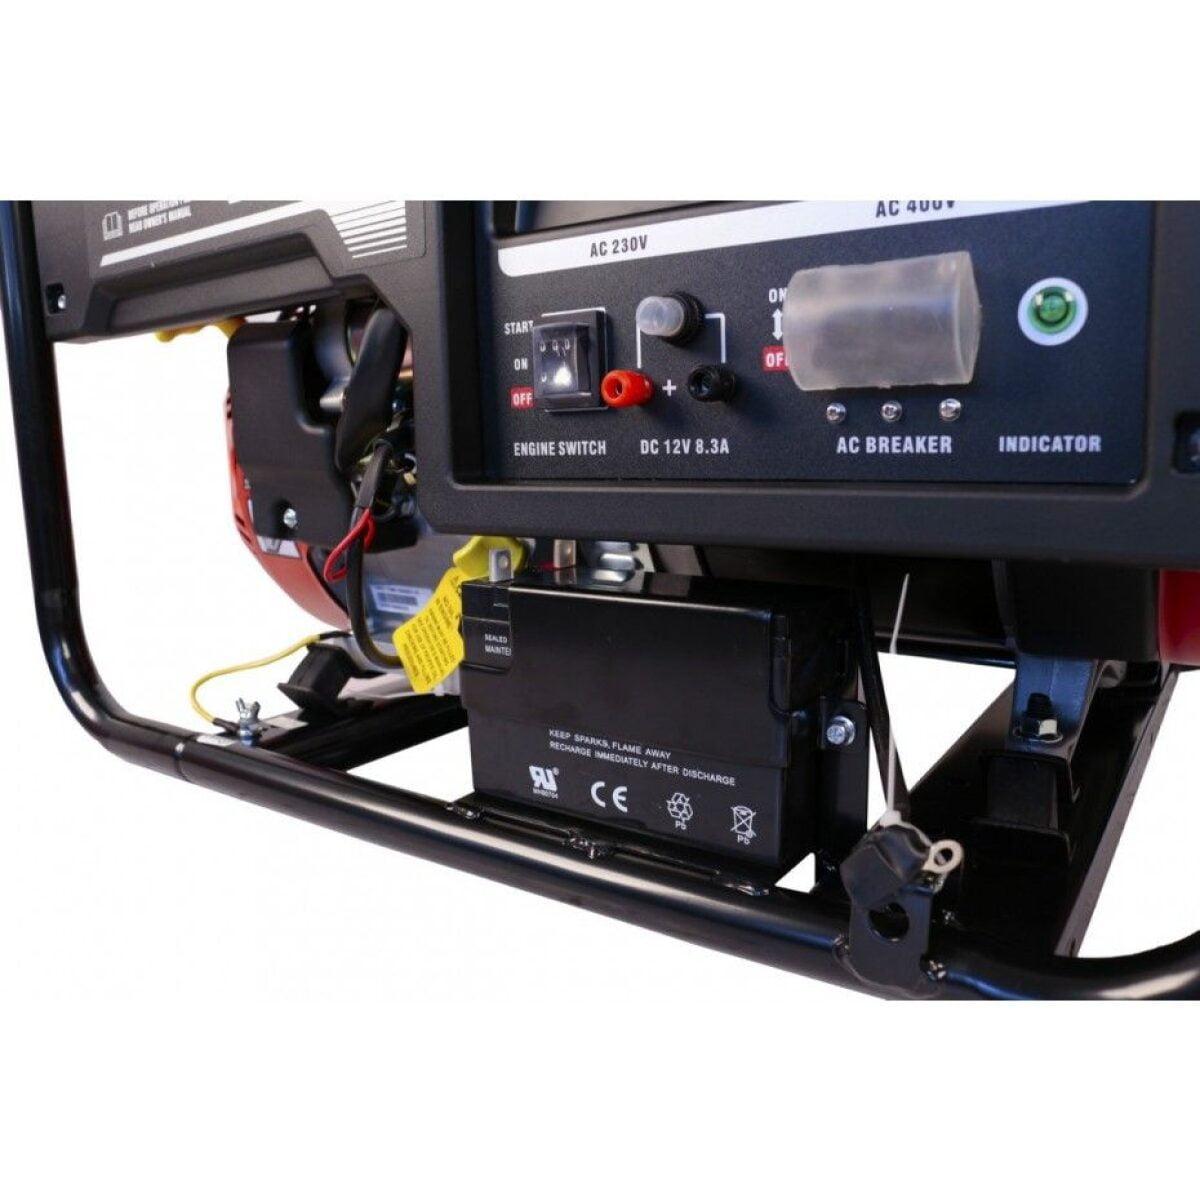 lc8000d a generator loncin 7 0 kw 380v lc8000d a o mac.ro 6